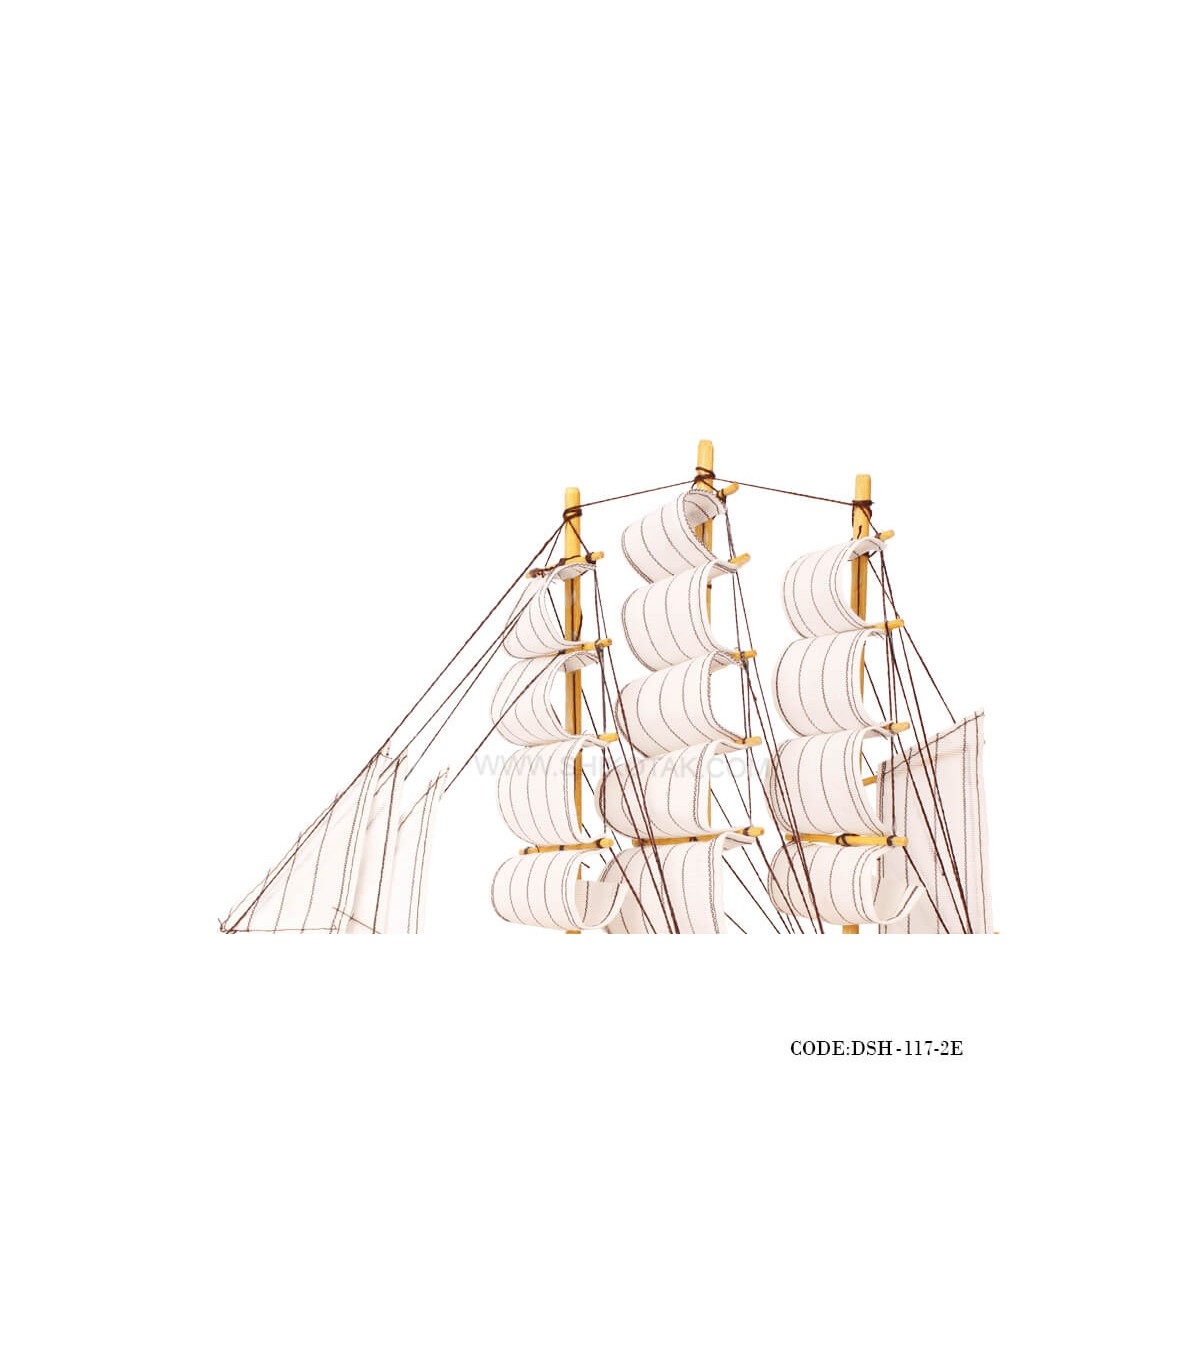 سفارش اینترنتی مجسمه ی کشتی بادبان دارسری E